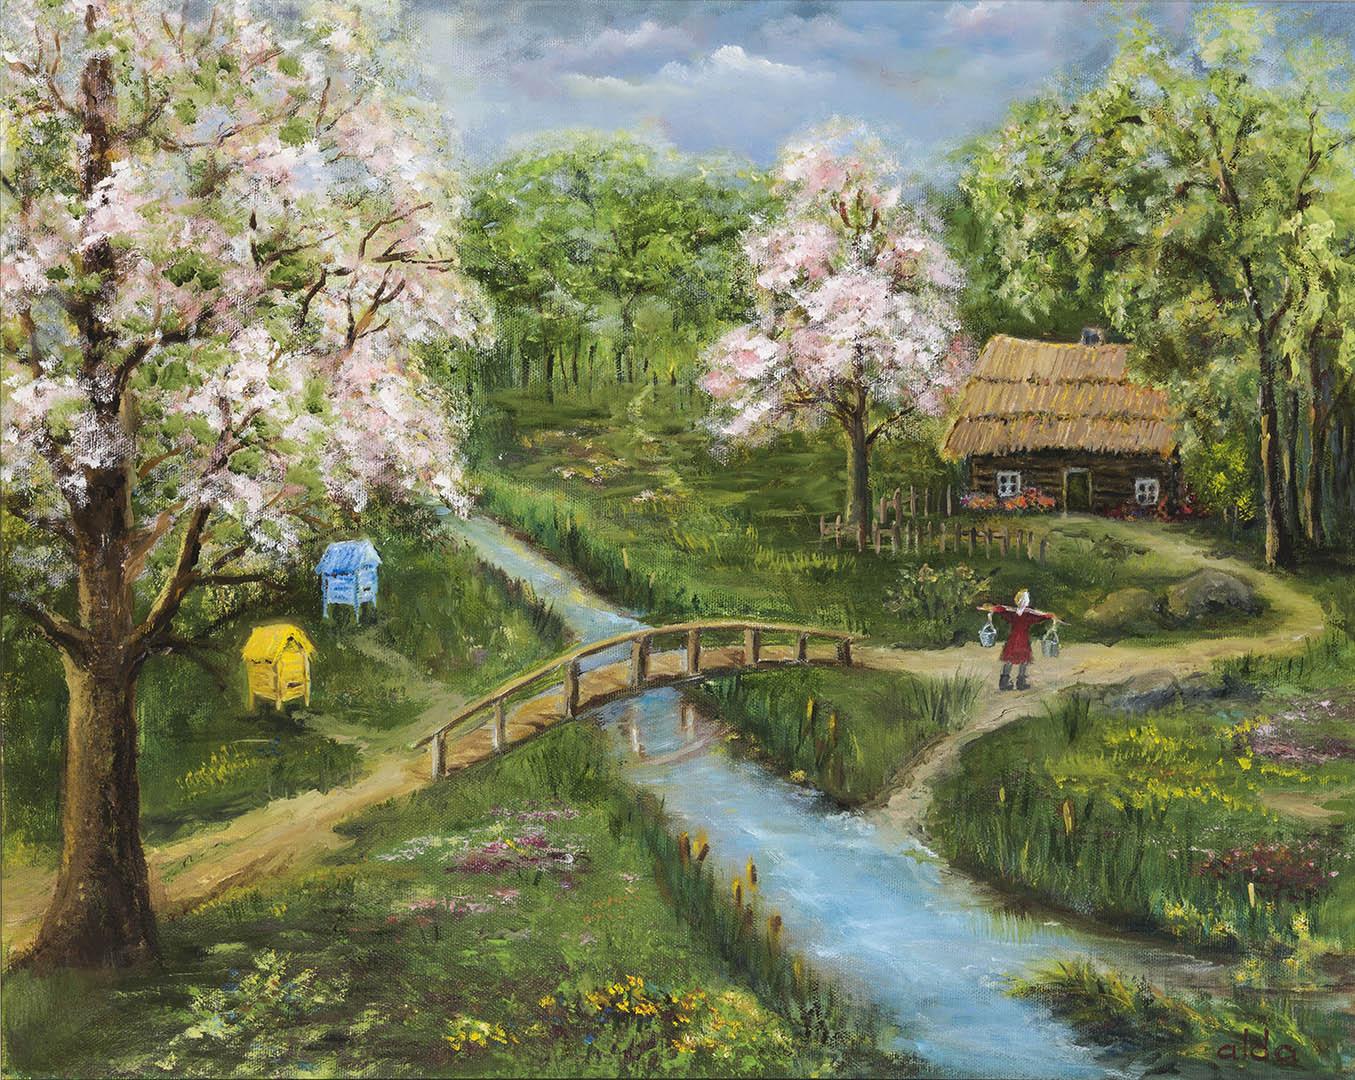 """Aldona Vasiukevičienė. """"Pavasaris tėviškėje"""", 2016 m. Drobė, aliejus; 40 x 50 cm"""